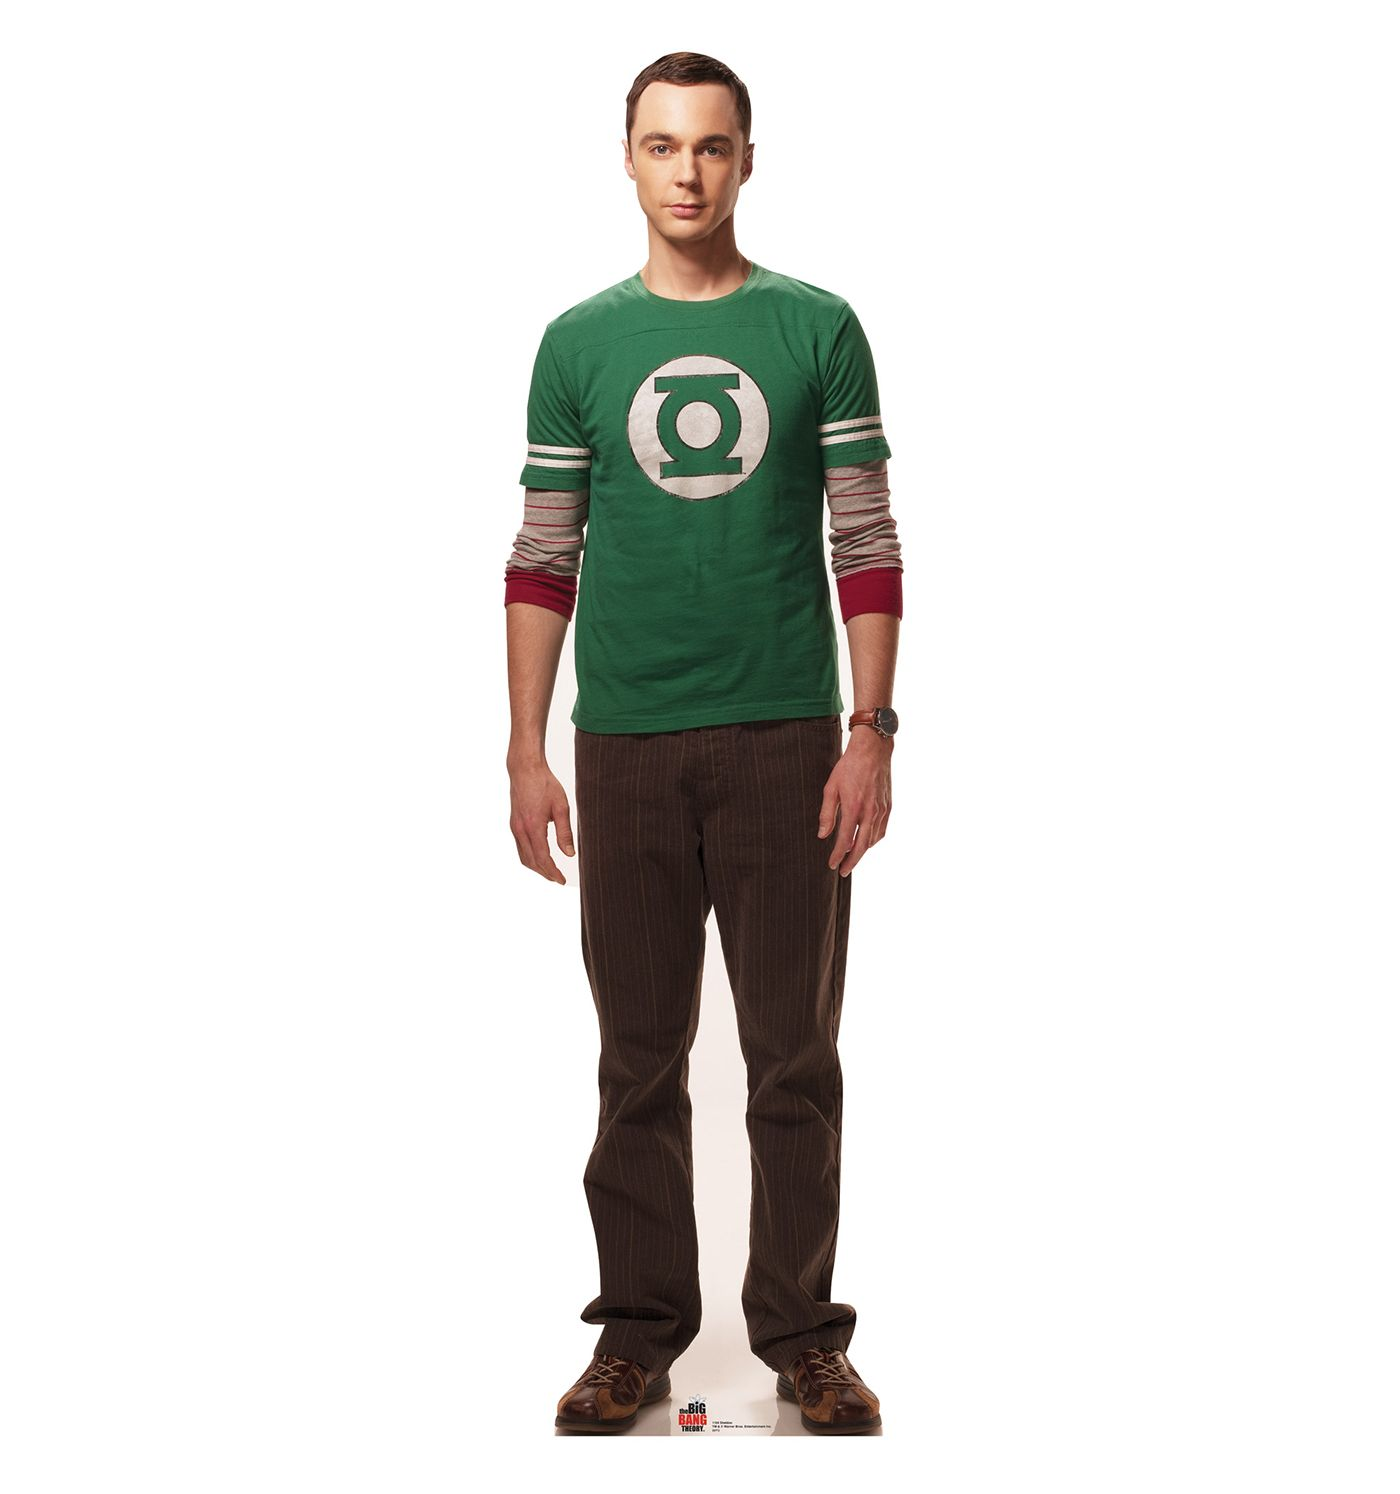 Pin On Big Bang Theory Party Ideas